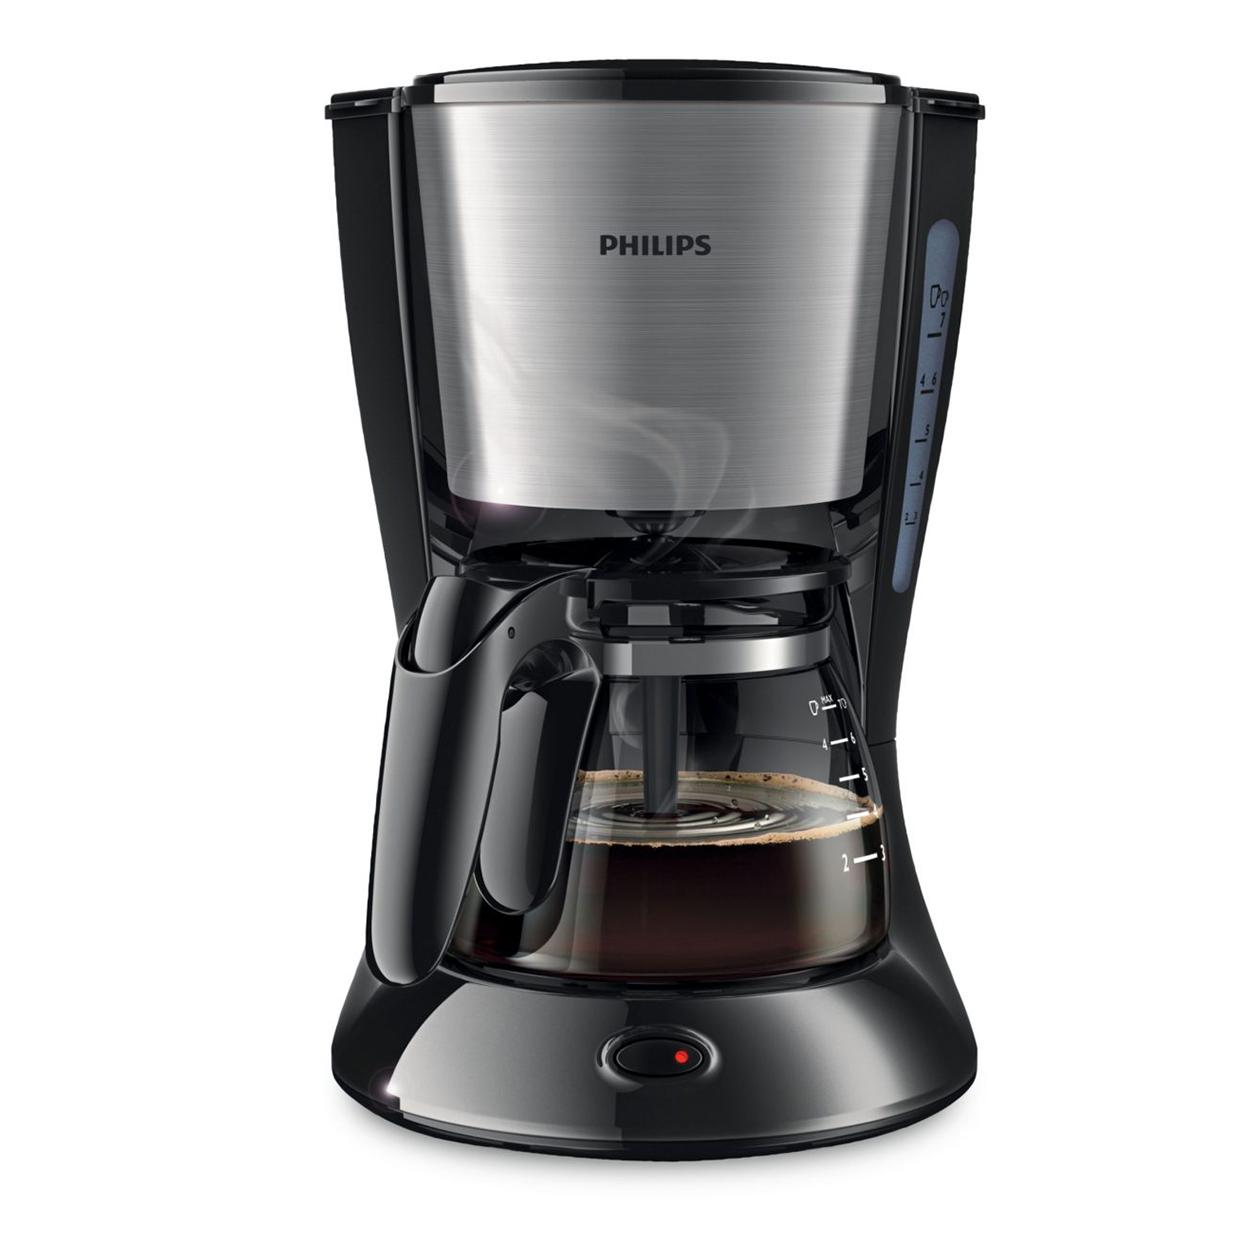 Pirkite Daily Collection Kavos virimo aparatą HD7435/20 elektroninėje   Philips parduotuvėje